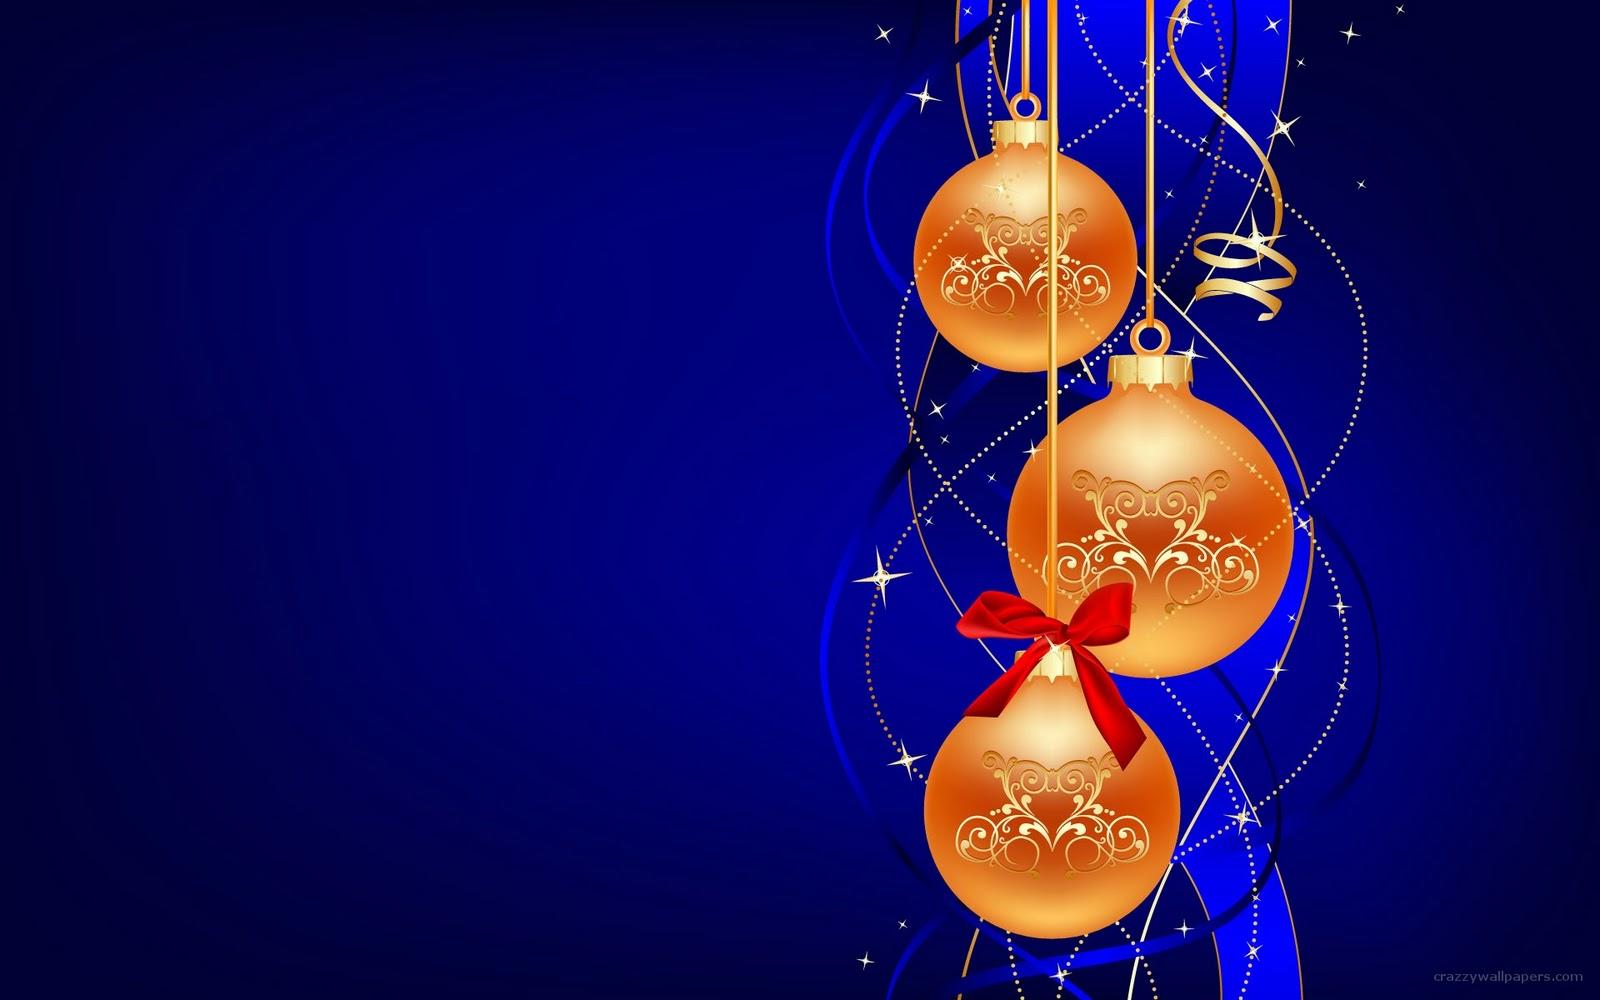 http://2.bp.blogspot.com/-eWteUG3Is-8/Tqa1JkG-HII/AAAAAAAACe8/O_FmCg2in2I/s1600/christmas-wallapper.jpg